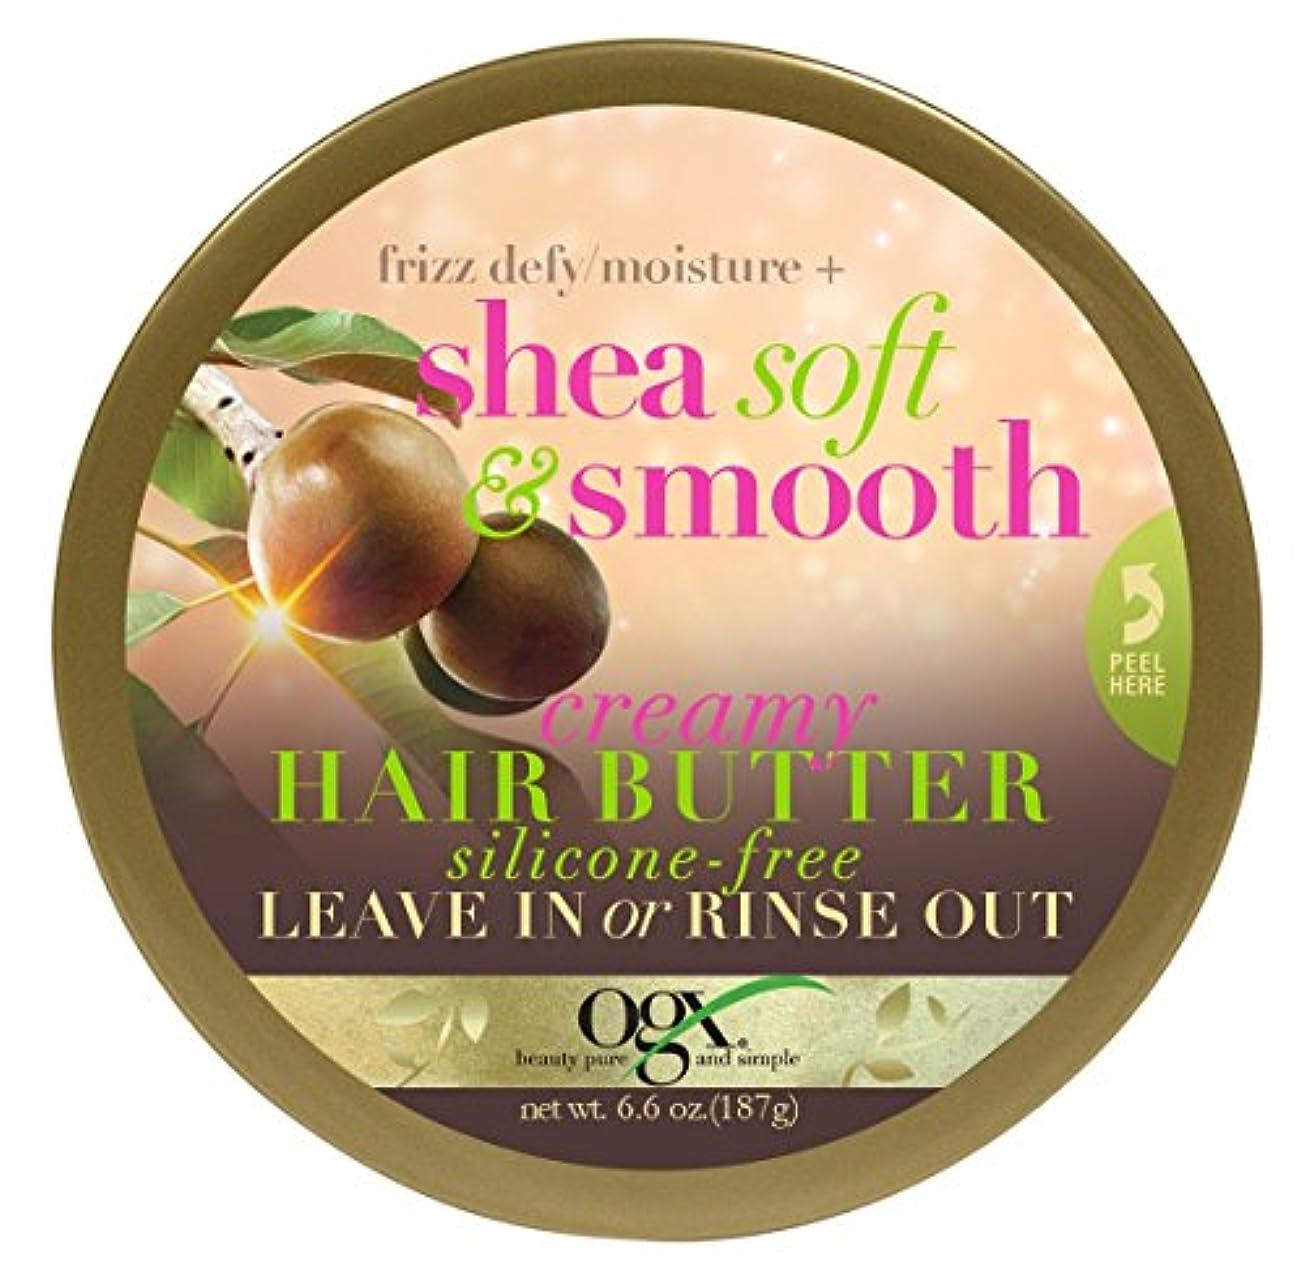 シャッター解説陰謀OGX シェイソフト&スムーズな髪バター6.6オンスのジャー(195Ml)(2パック)